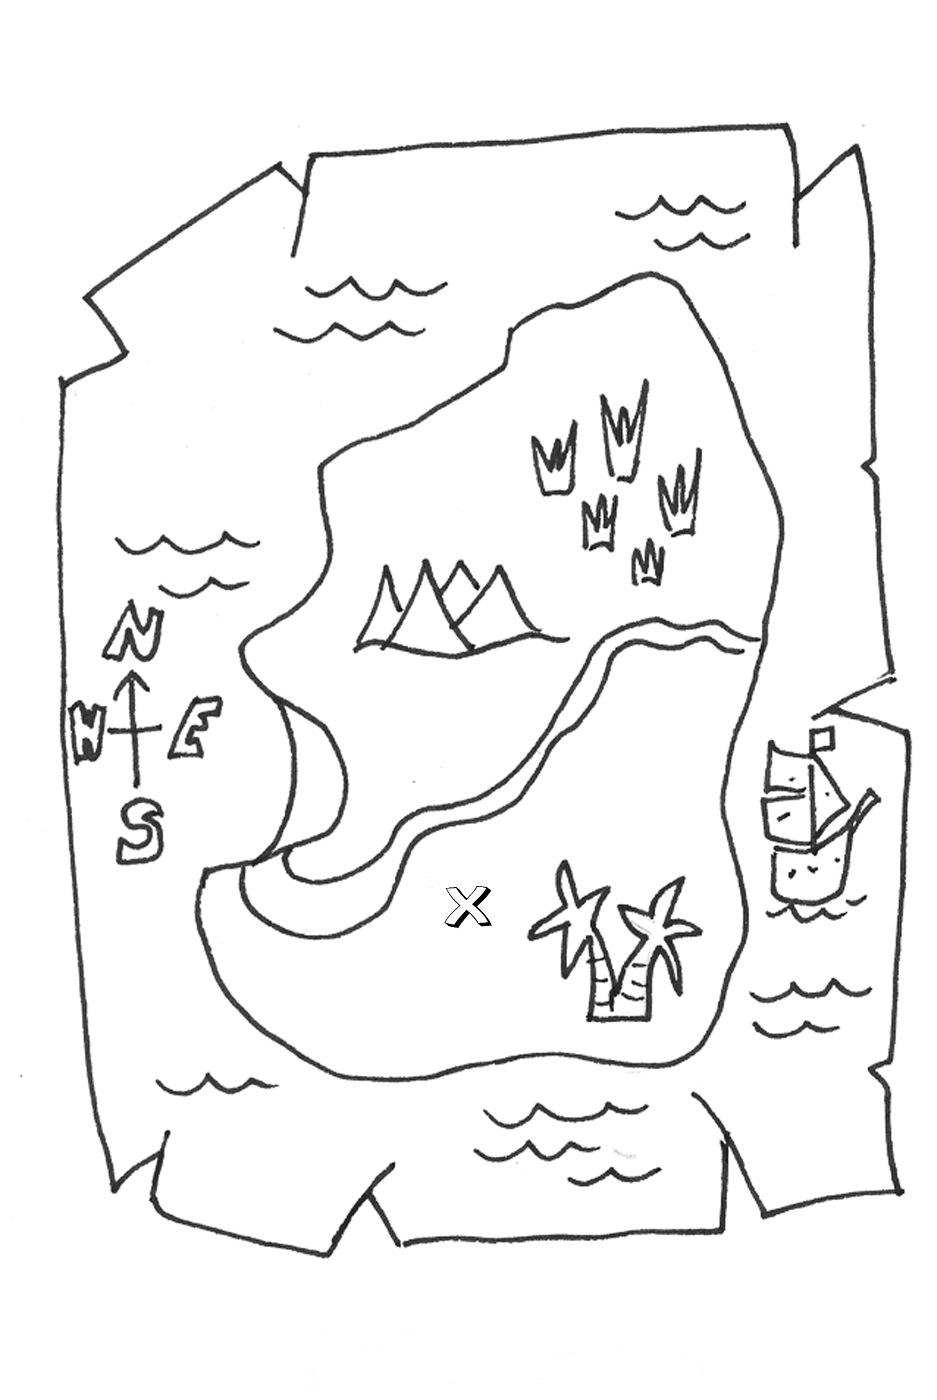 treasure map coloring page treasure map coloring pages for kids treasure map coloring page